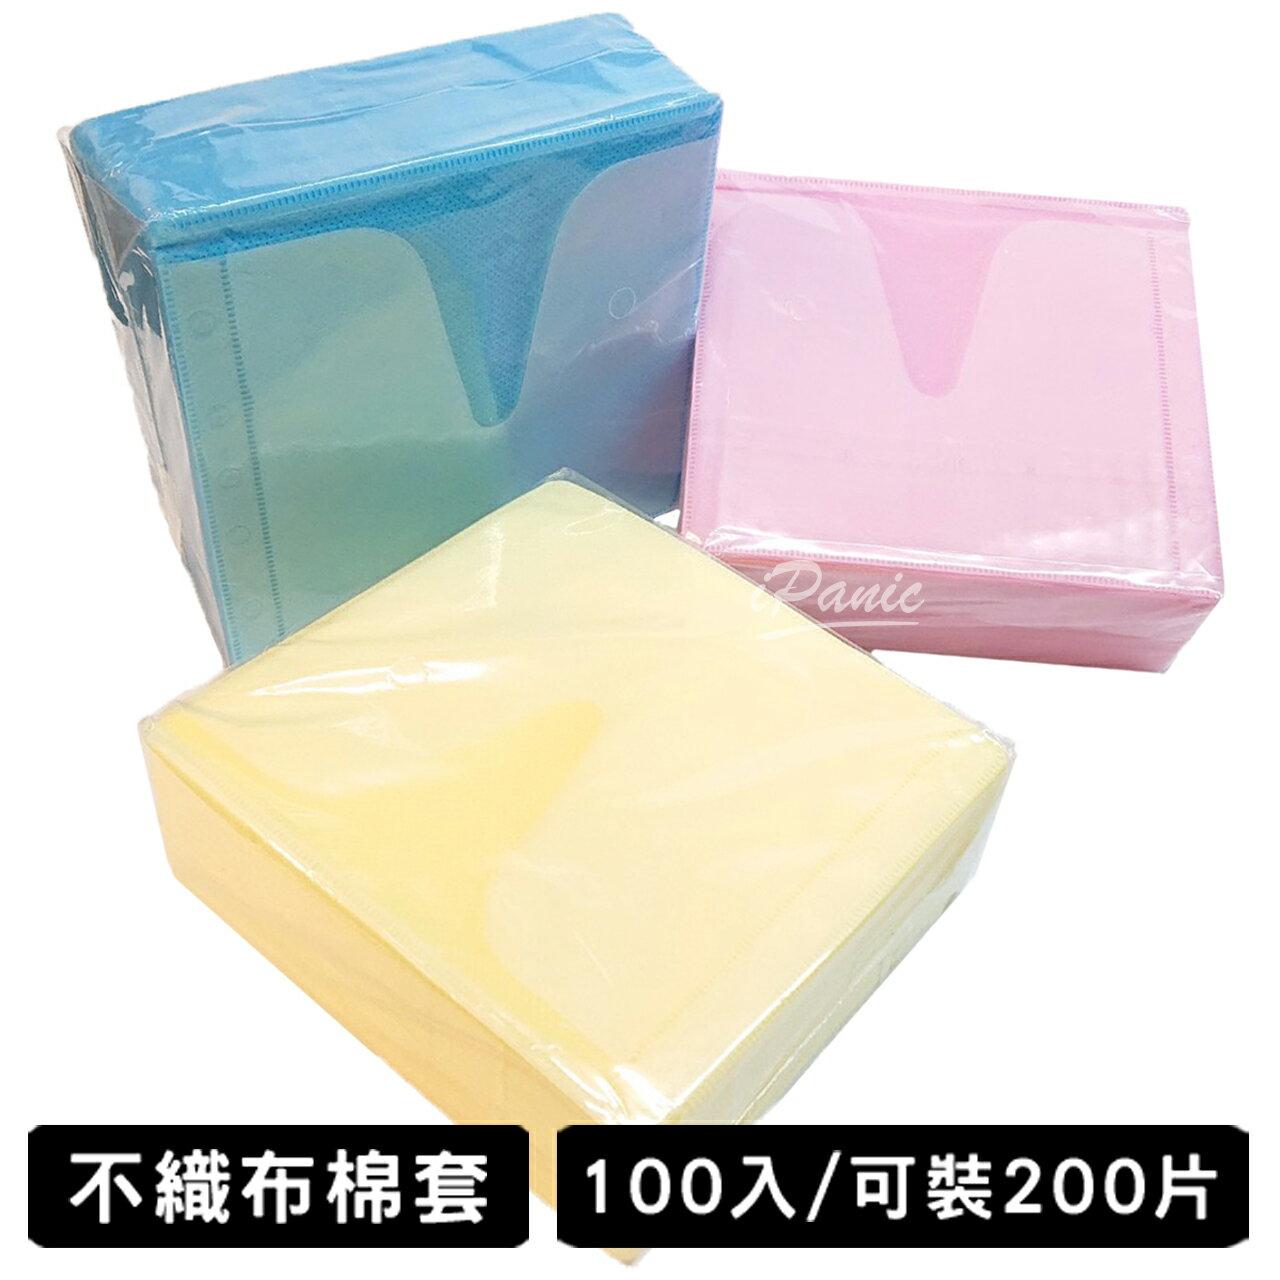 台灣製造 光碟棉套 100張 200片裝 CD DVD 光碟套 光碟保存套 光碟補充棉套 活頁式棉套 不織布材質